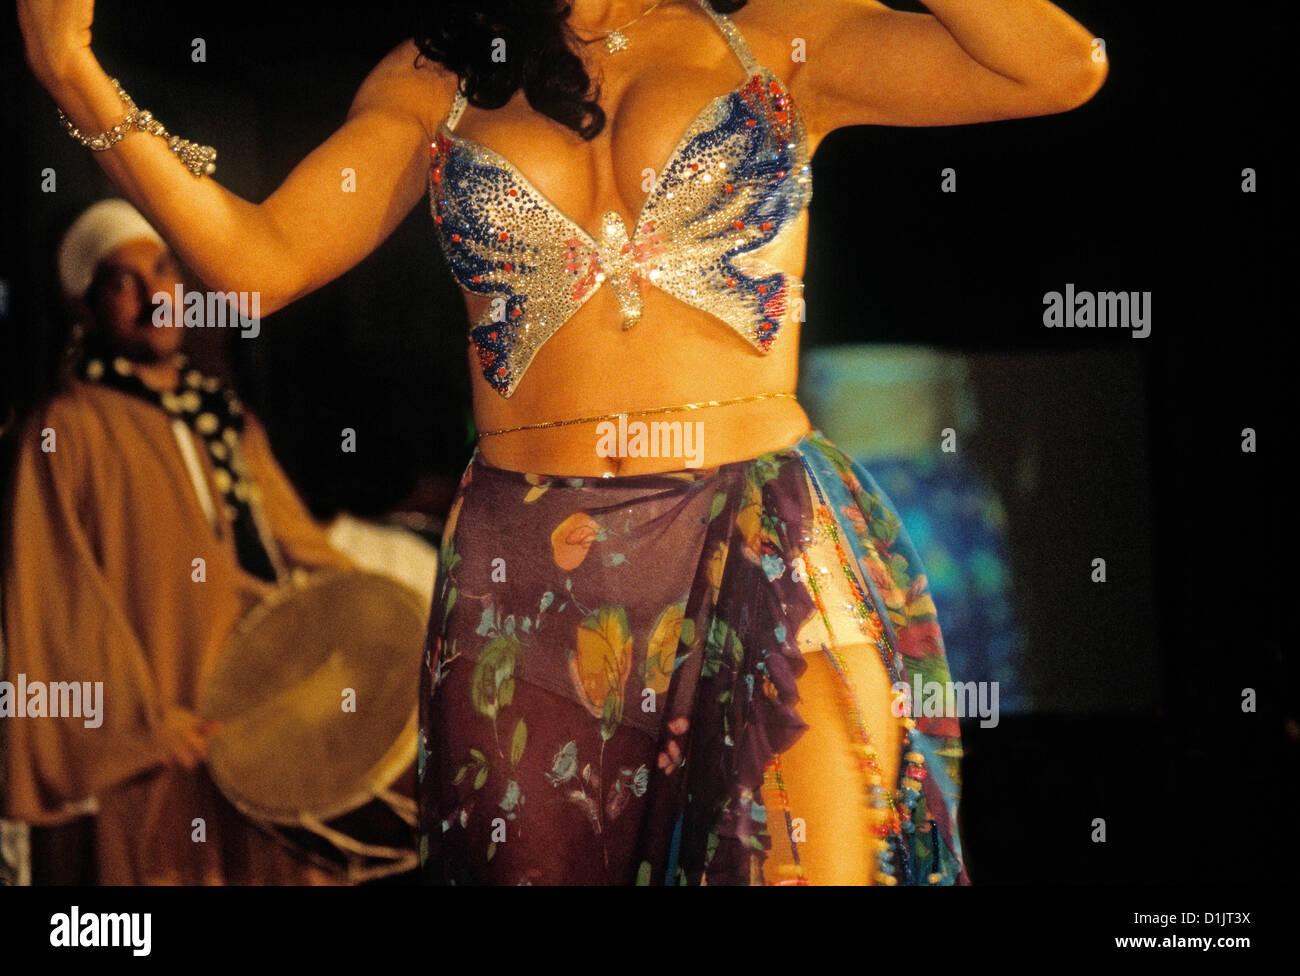 Egypt Cairo Belly dancer - Stock Image